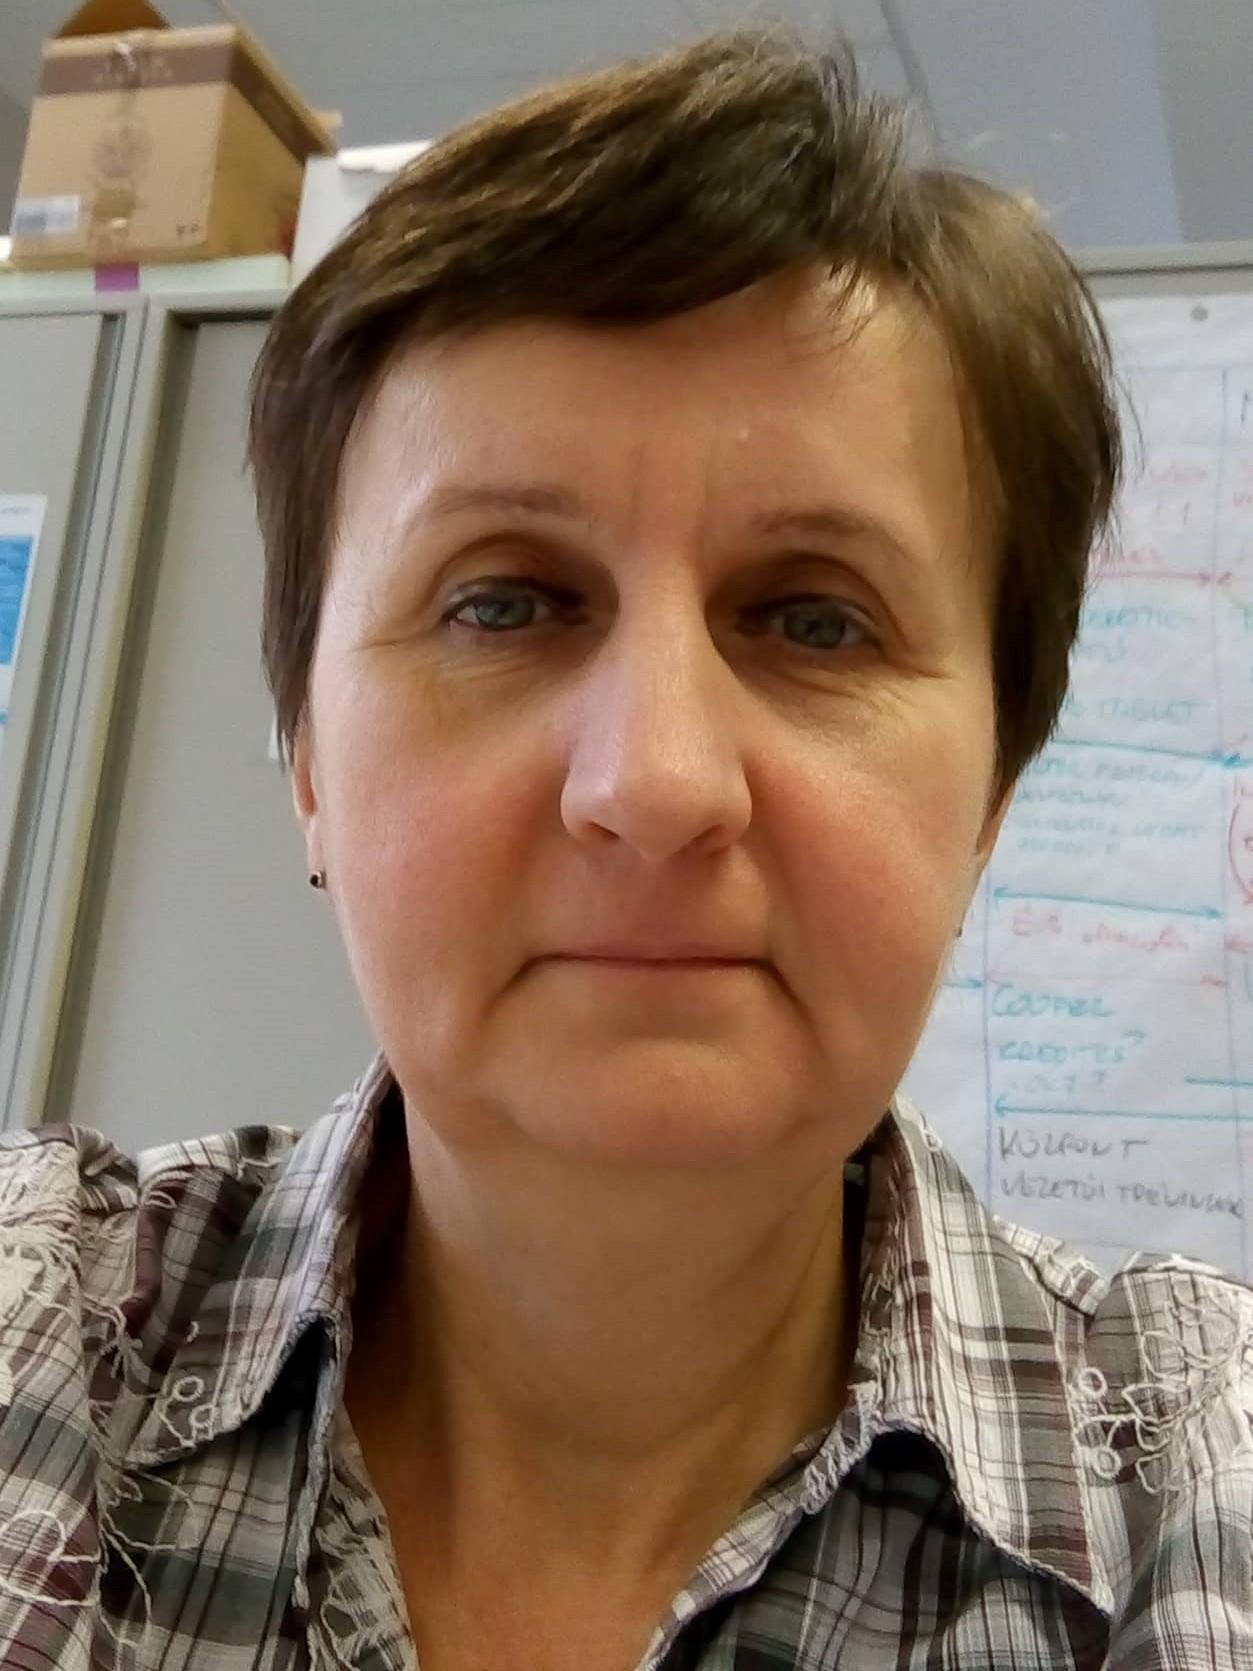 Urbanné Szabó Mariann